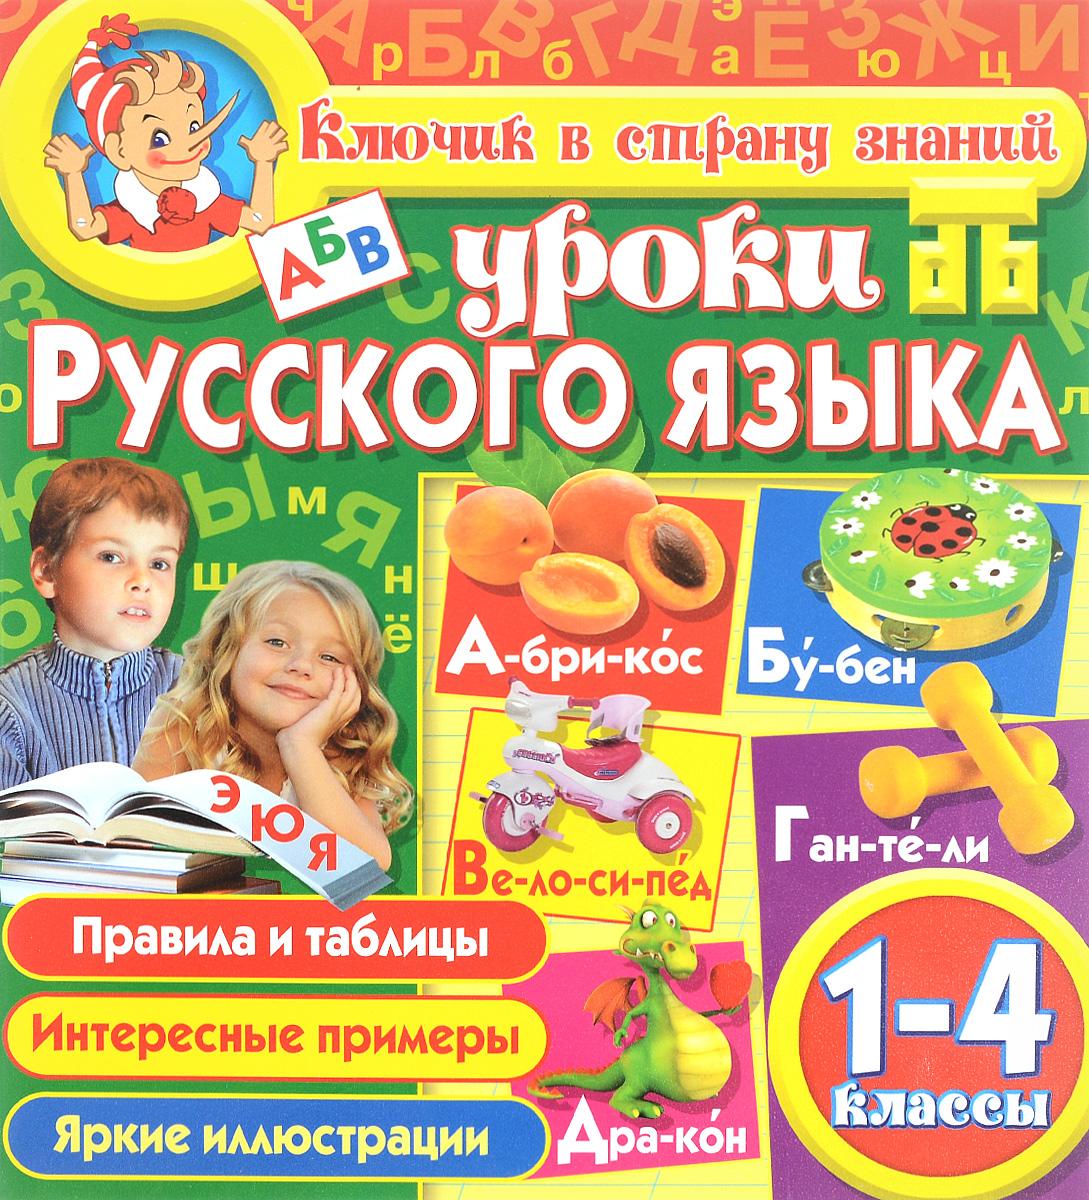 Ю. В. Якунина Уроки русского языка уроки русского языка проверка знаний 4 класс